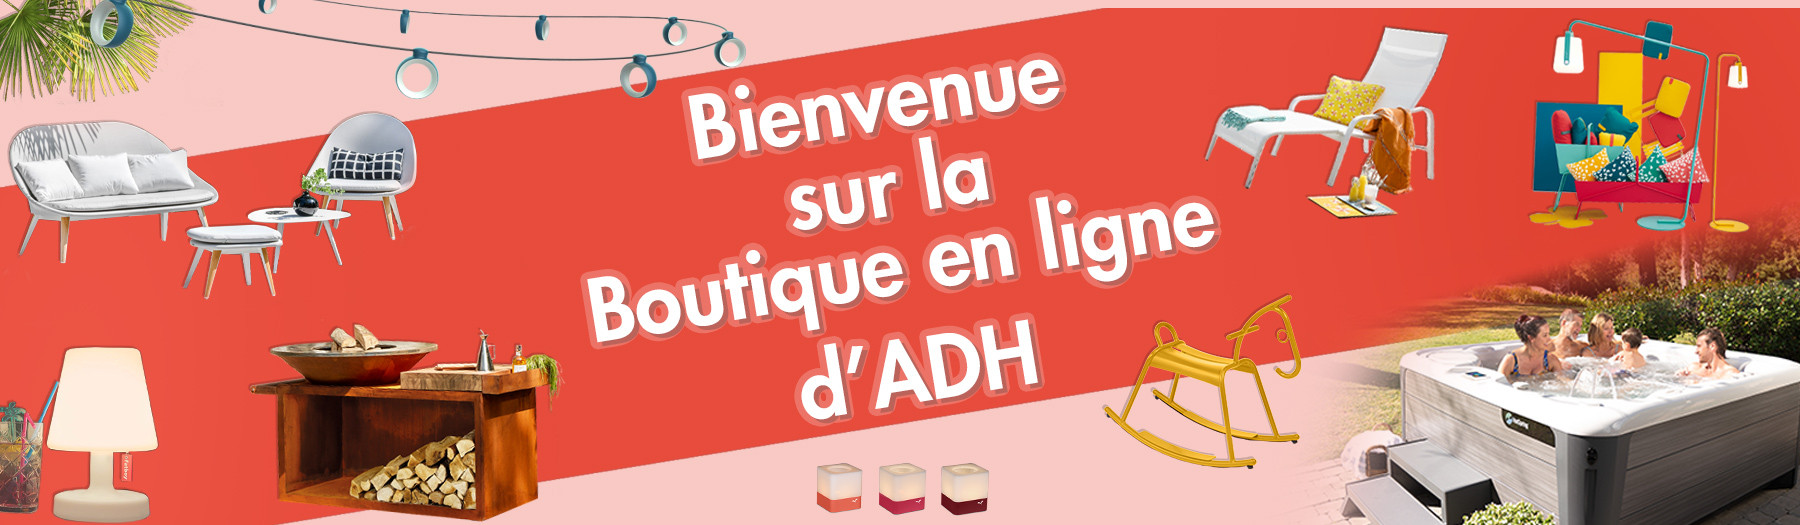 Bienvenue sur le site en ligne d'adh